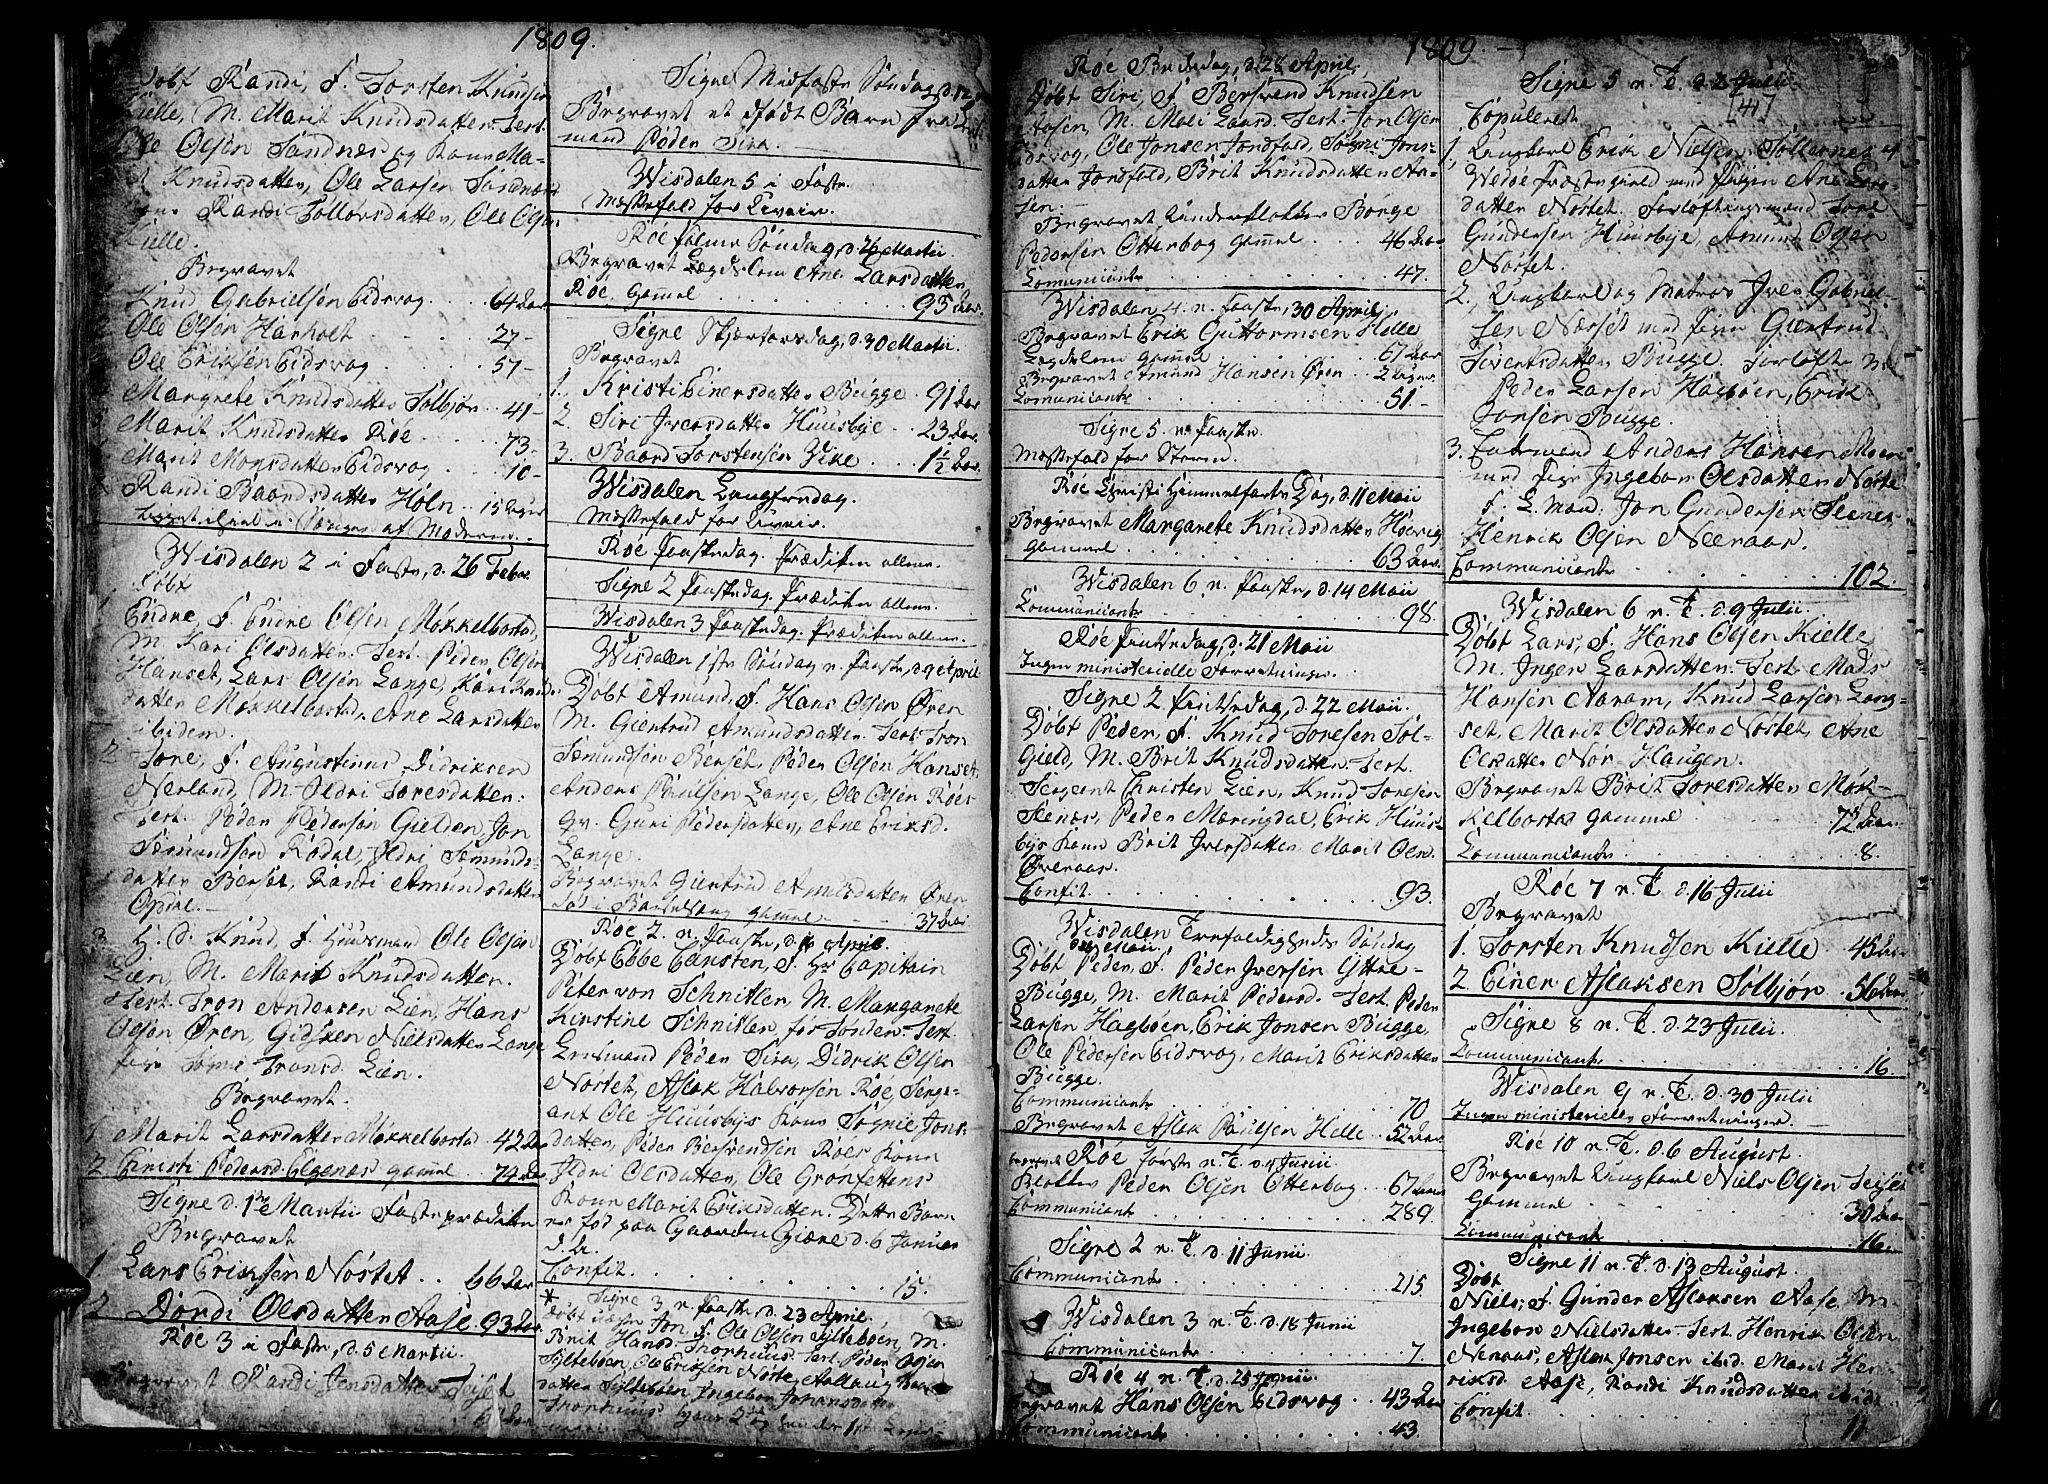 SAT, Ministerialprotokoller, klokkerbøker og fødselsregistre - Møre og Romsdal, 551/L0622: Ministerialbok nr. 551A02, 1804-1845, s. 40-41